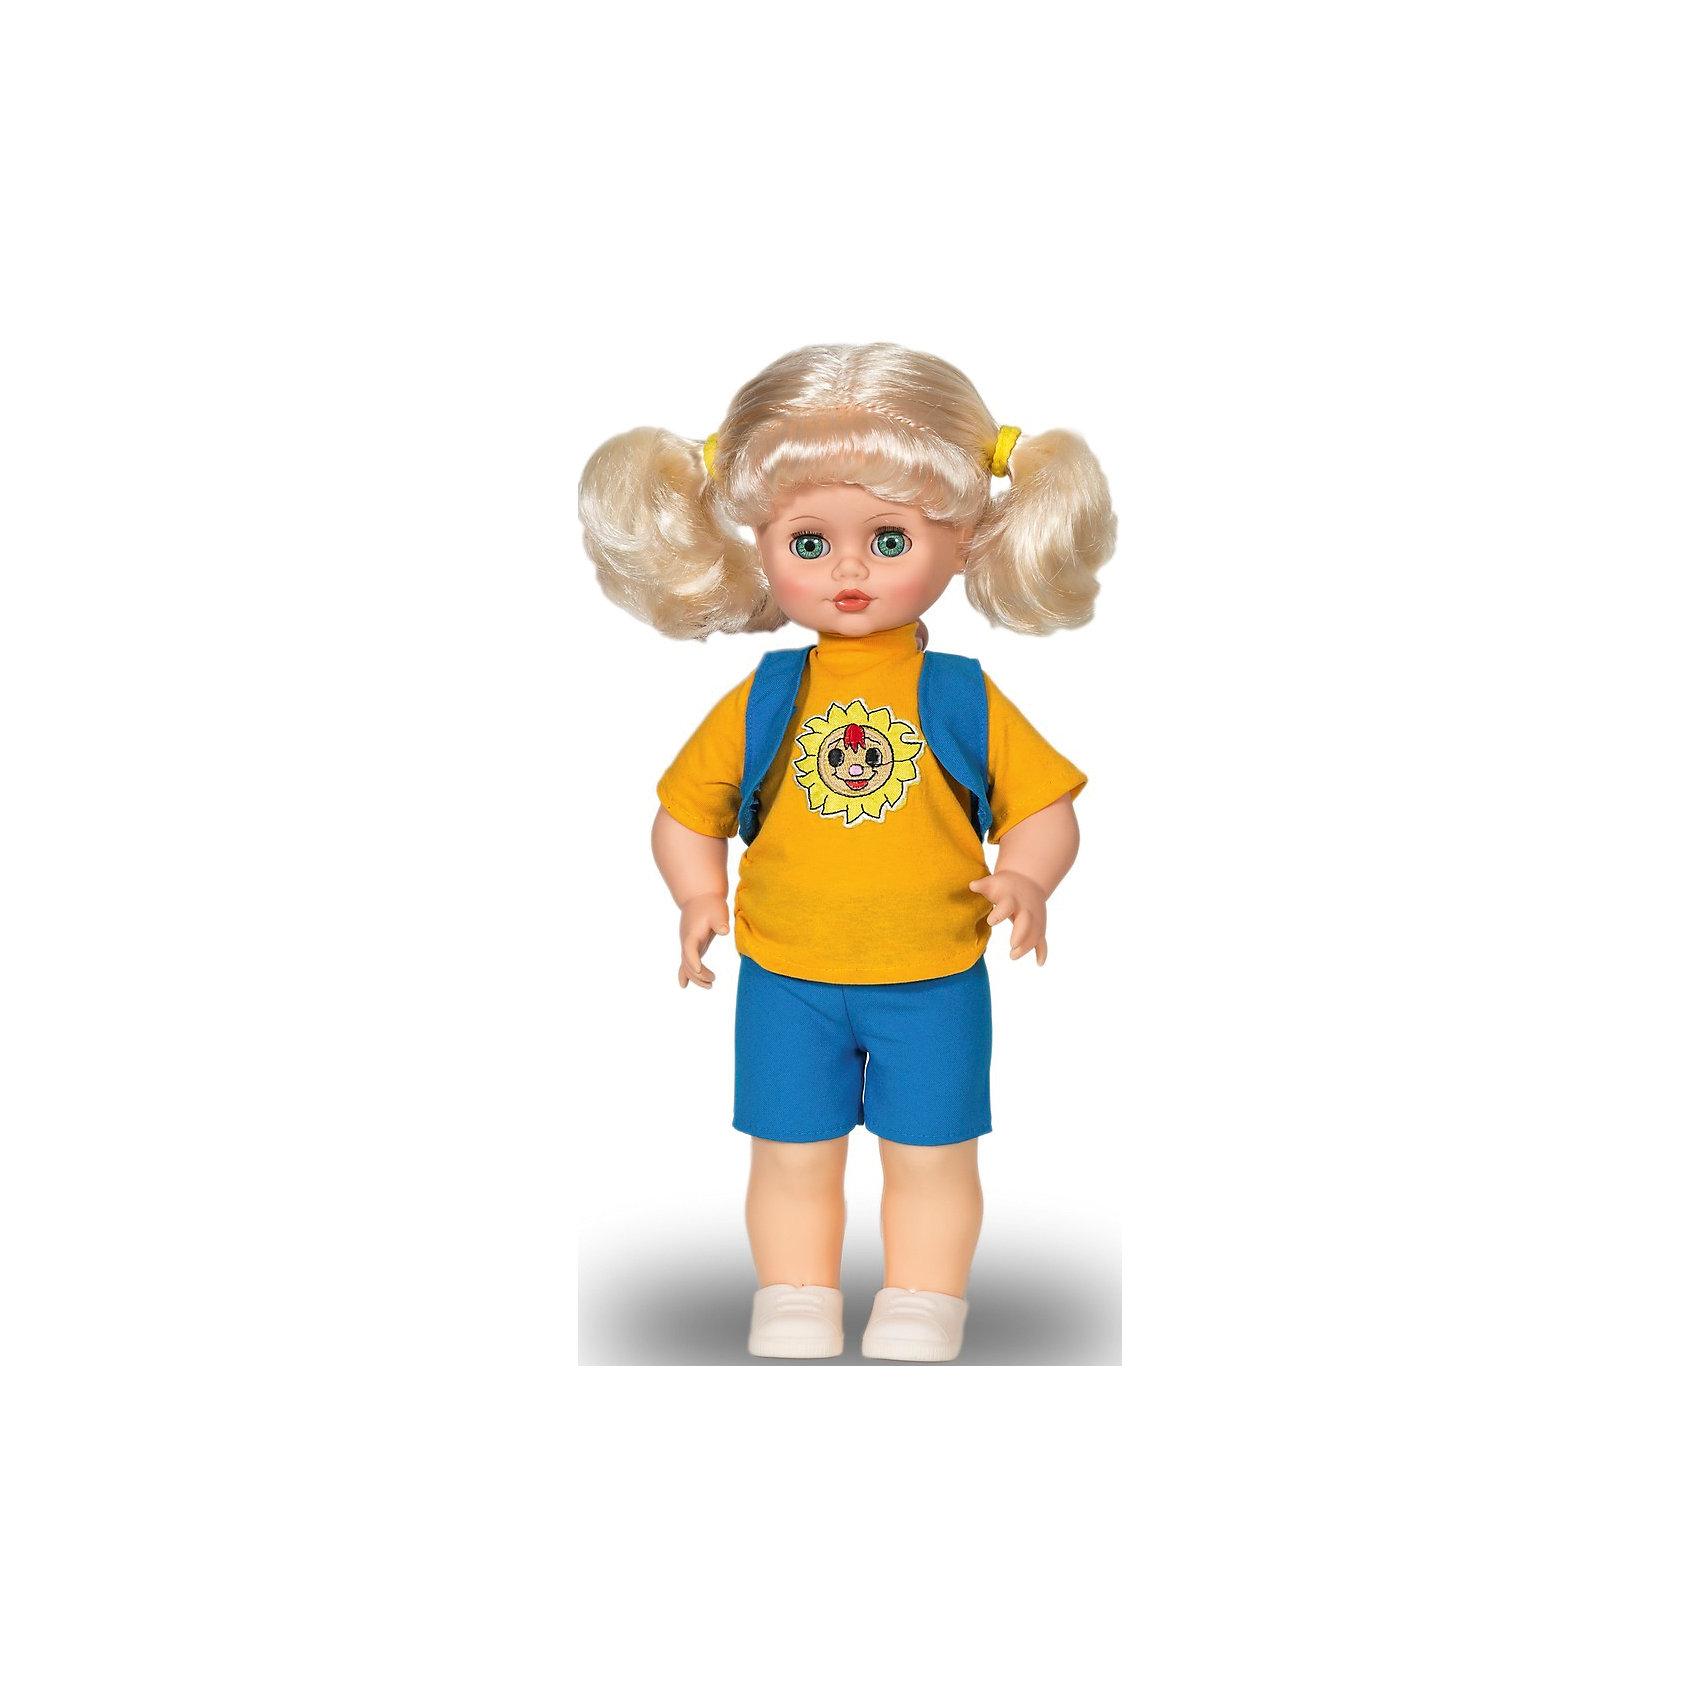 Кукла Инна, со звуком,  43 см, ВеснаЭта очаровательная белокурая красавица покорит сердце любой девочки! Куколка одета в голубой вязаный комбинезон и меховую жилетку, на ногах - белые ботиночки. Волосы Инны мягкие и послушные, их очень приятно расчесывать, создавая различные прически. Кукла оснащена звуковым модулем, она умеет произносить фразы и предложения, которые не только порадуют девочку, но и помогут ей расширить свой словарный запас, откроют возможности для различных игровых сюжетов. Игрушка выполнена из высококачественных нетоксичных материалов абсолютно безопасных для детей.<br><br>Дополнительная информация:<br><br>- Материал: пластизол, пластик, текстиль.<br>- Размер: 43 см.<br>- Комплектация: кукла в одежде и обуви. <br>- Звуковые эффекты: фразы и предложения. <br>- Голова, руки, ноги подвижные.<br>- Глаза могут закрываться. <br><br>Куклу Инну, со звуком, 43 см, Весна, можно купить в нашем магазине.<br><br>Ширина мм: 210<br>Глубина мм: 130<br>Высота мм: 430<br>Вес г: 550<br>Возраст от месяцев: 36<br>Возраст до месяцев: 120<br>Пол: Женский<br>Возраст: Детский<br>SKU: 4595141